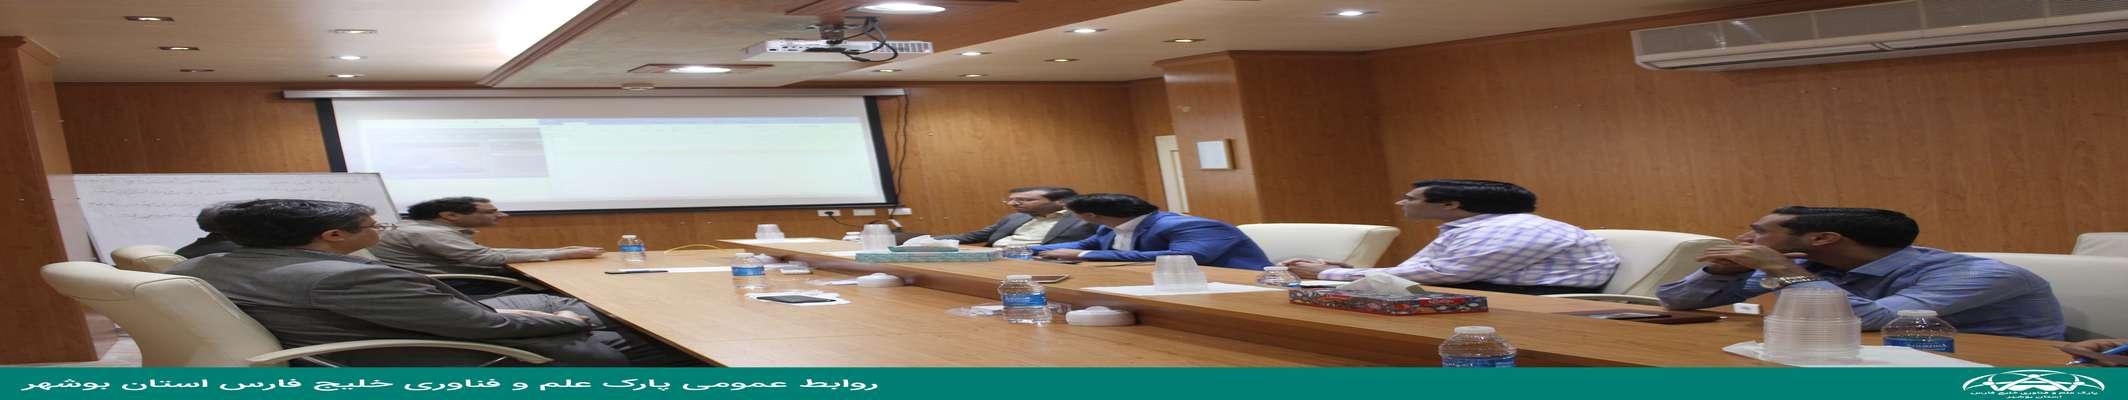 نشست شورای فناوری پارک علم وفناوری خلیج فارس برگزار شد